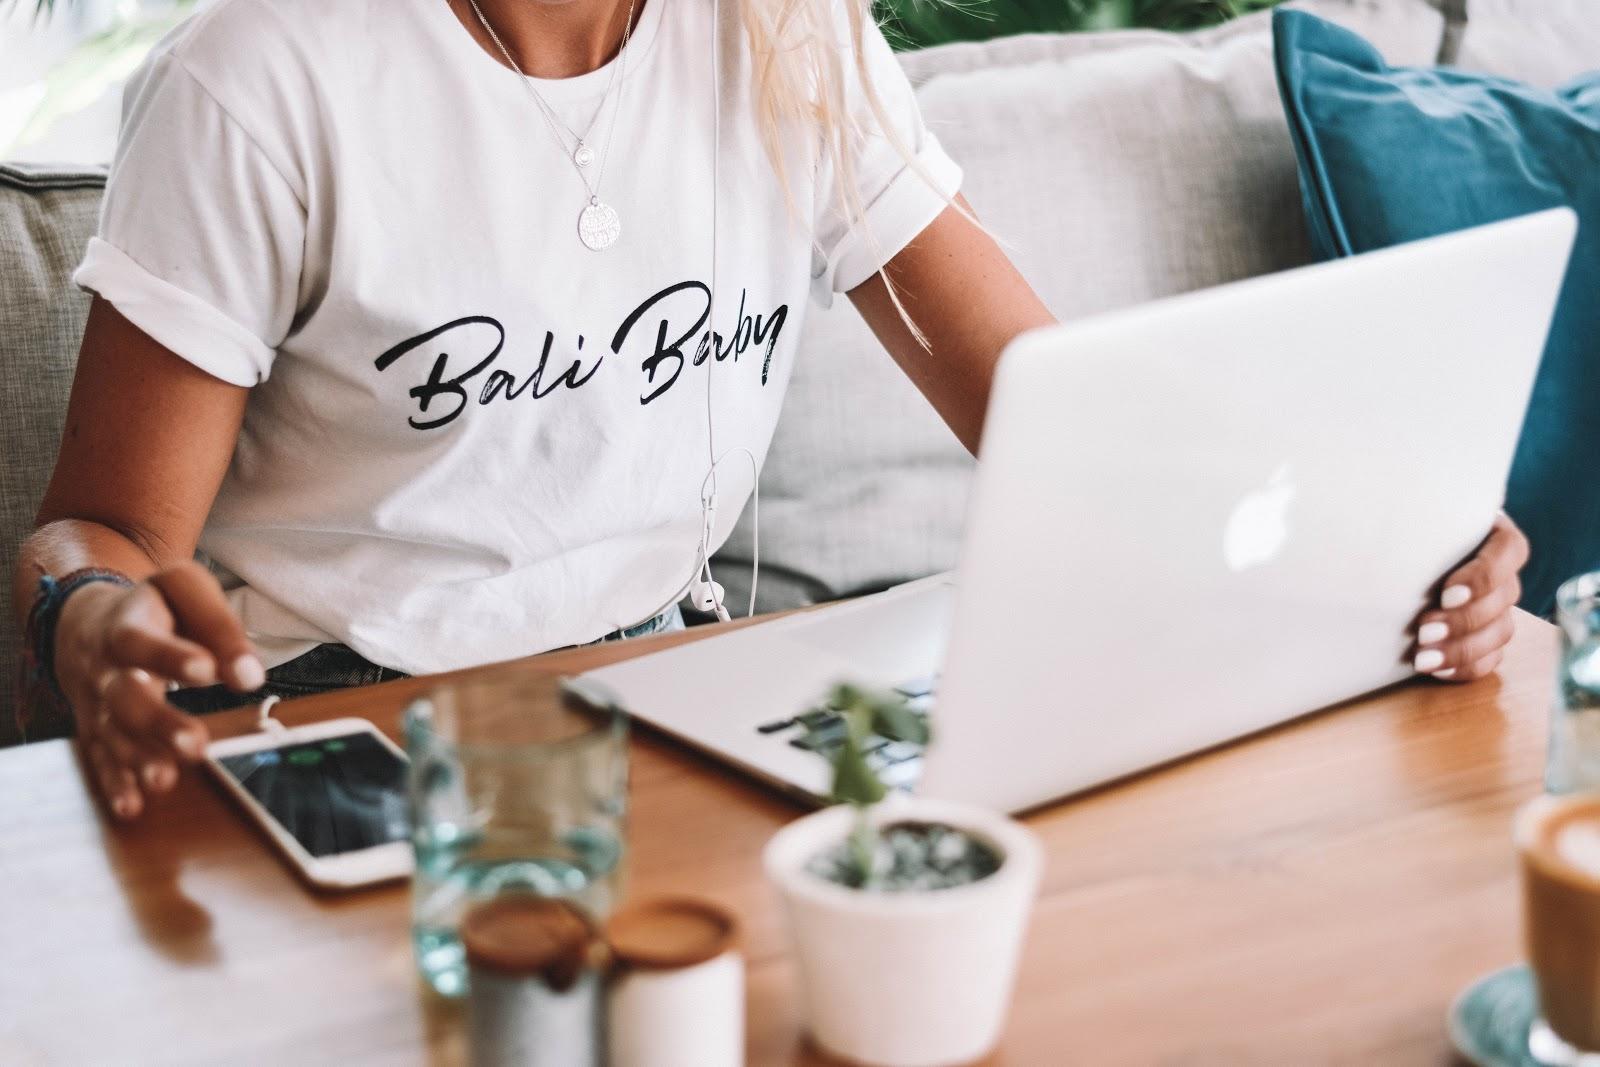 Зачем эксперту блог?